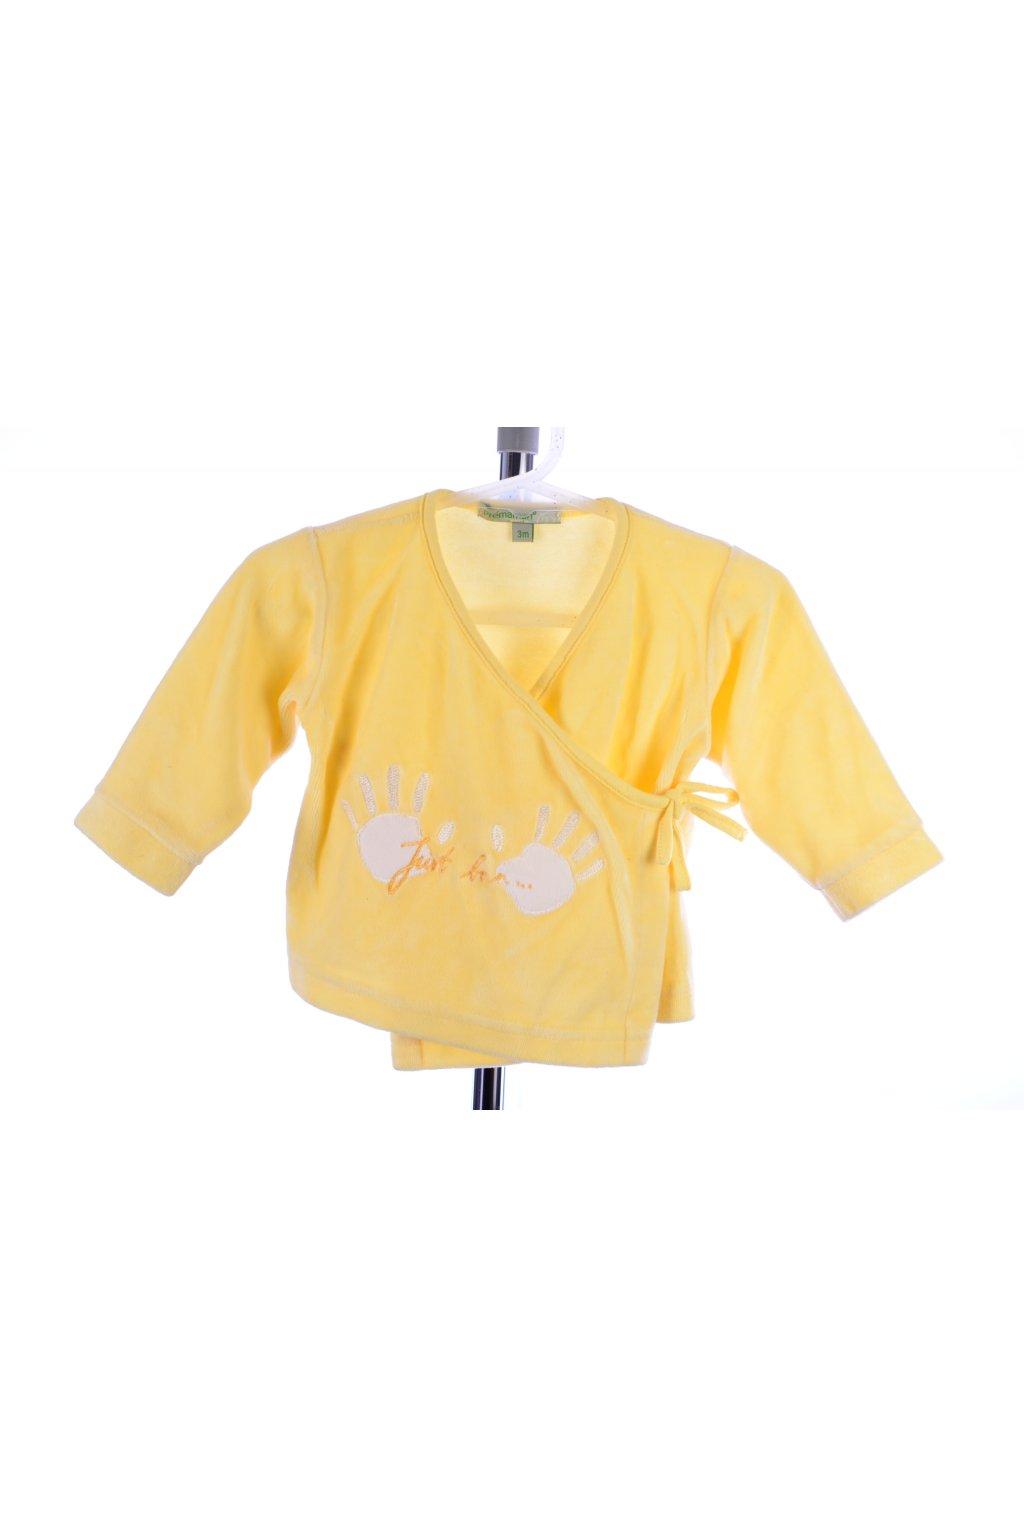 Tričko sametové žluté Prémaman vel. 62